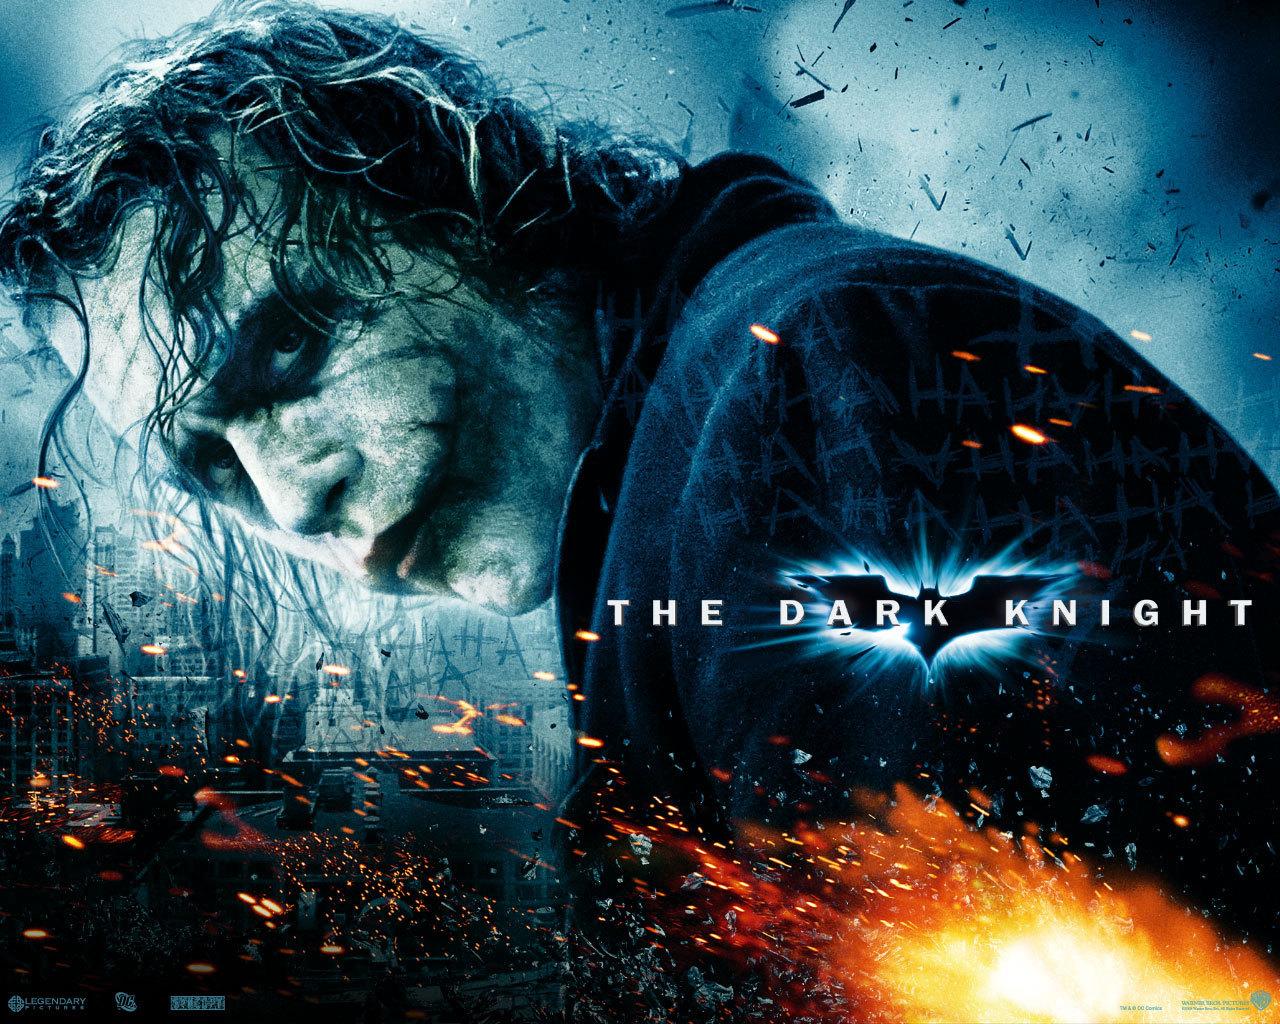 TDK Joker wallpaper   Batman Wallpaper 2110826 1280x1024